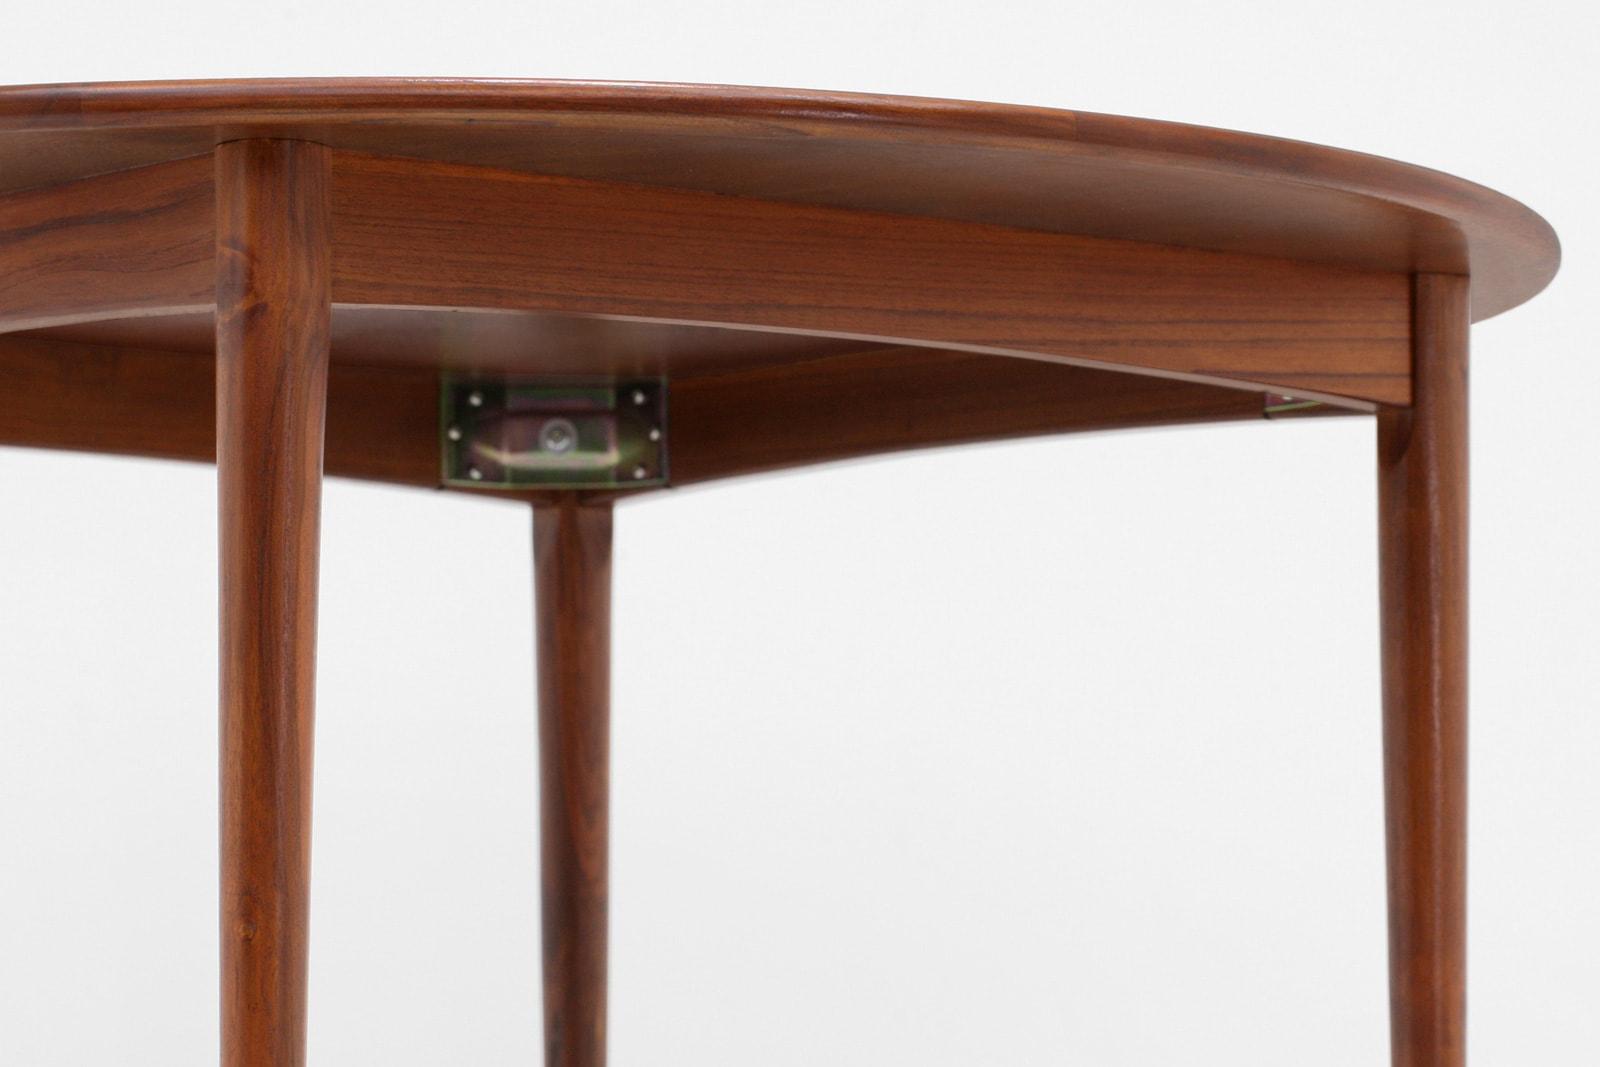 ダイニングテーブル,円形,北欧,デンマーク, 家具,クロッケン,チーク材